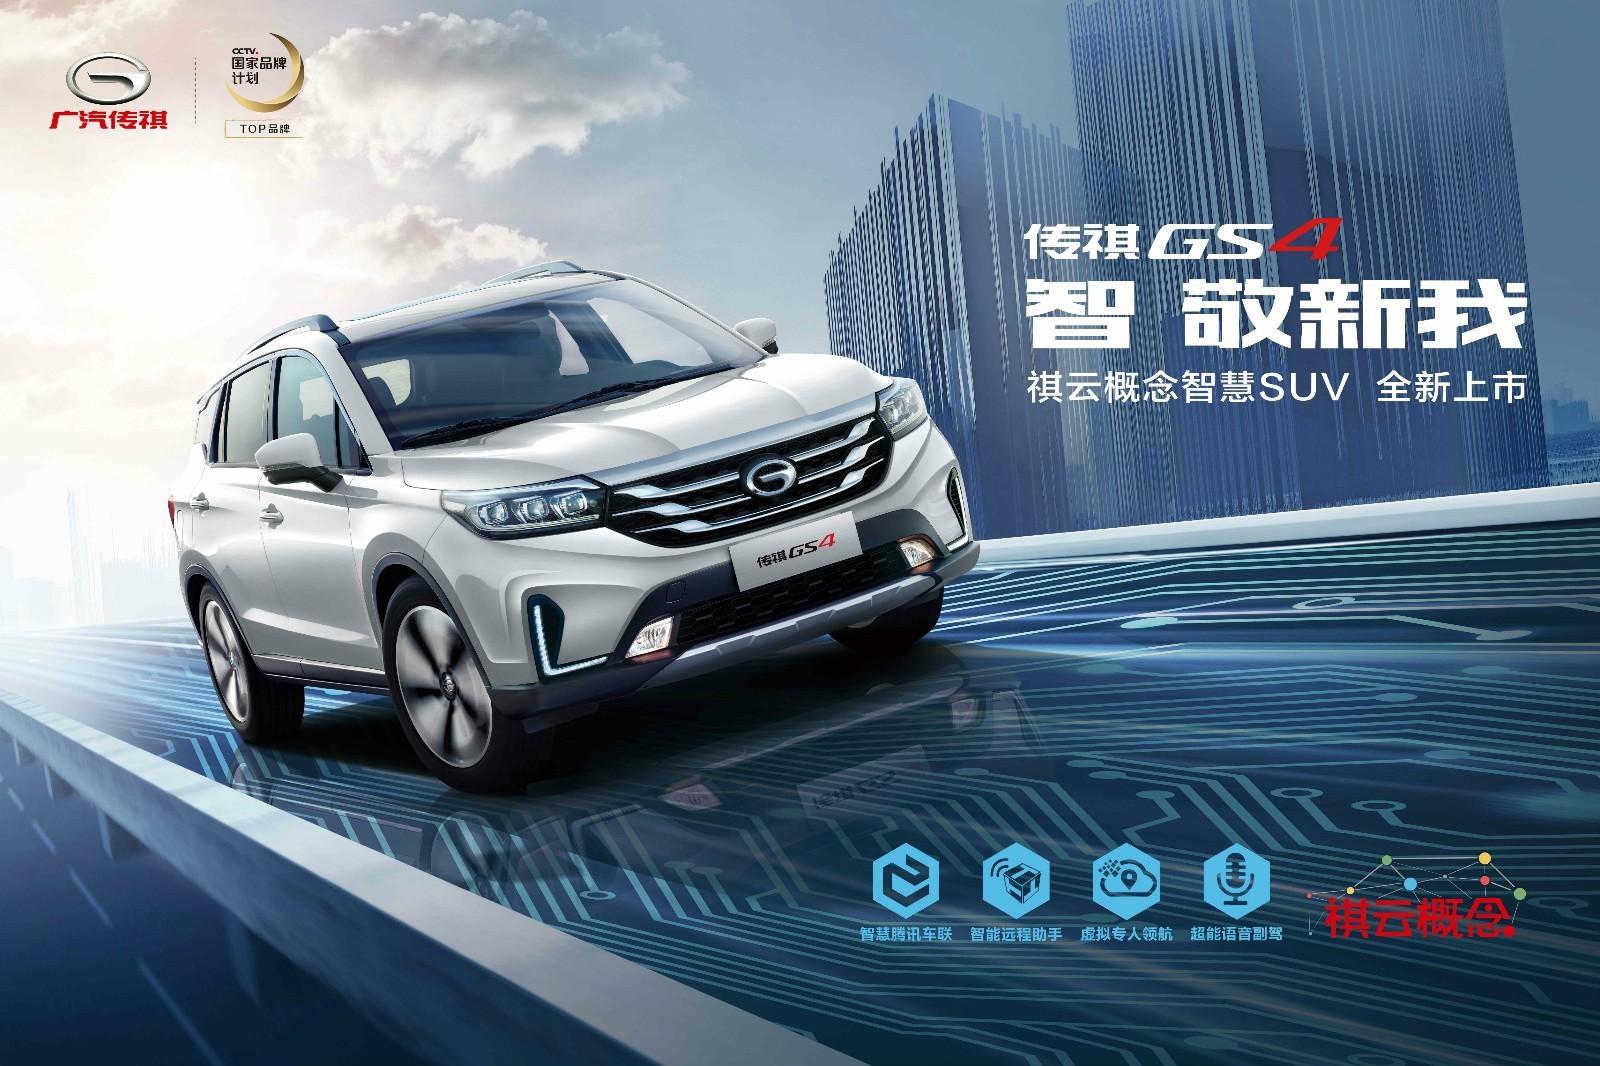 广汽传祺GS4祺云概念智慧SUV 震撼登陆赤峰